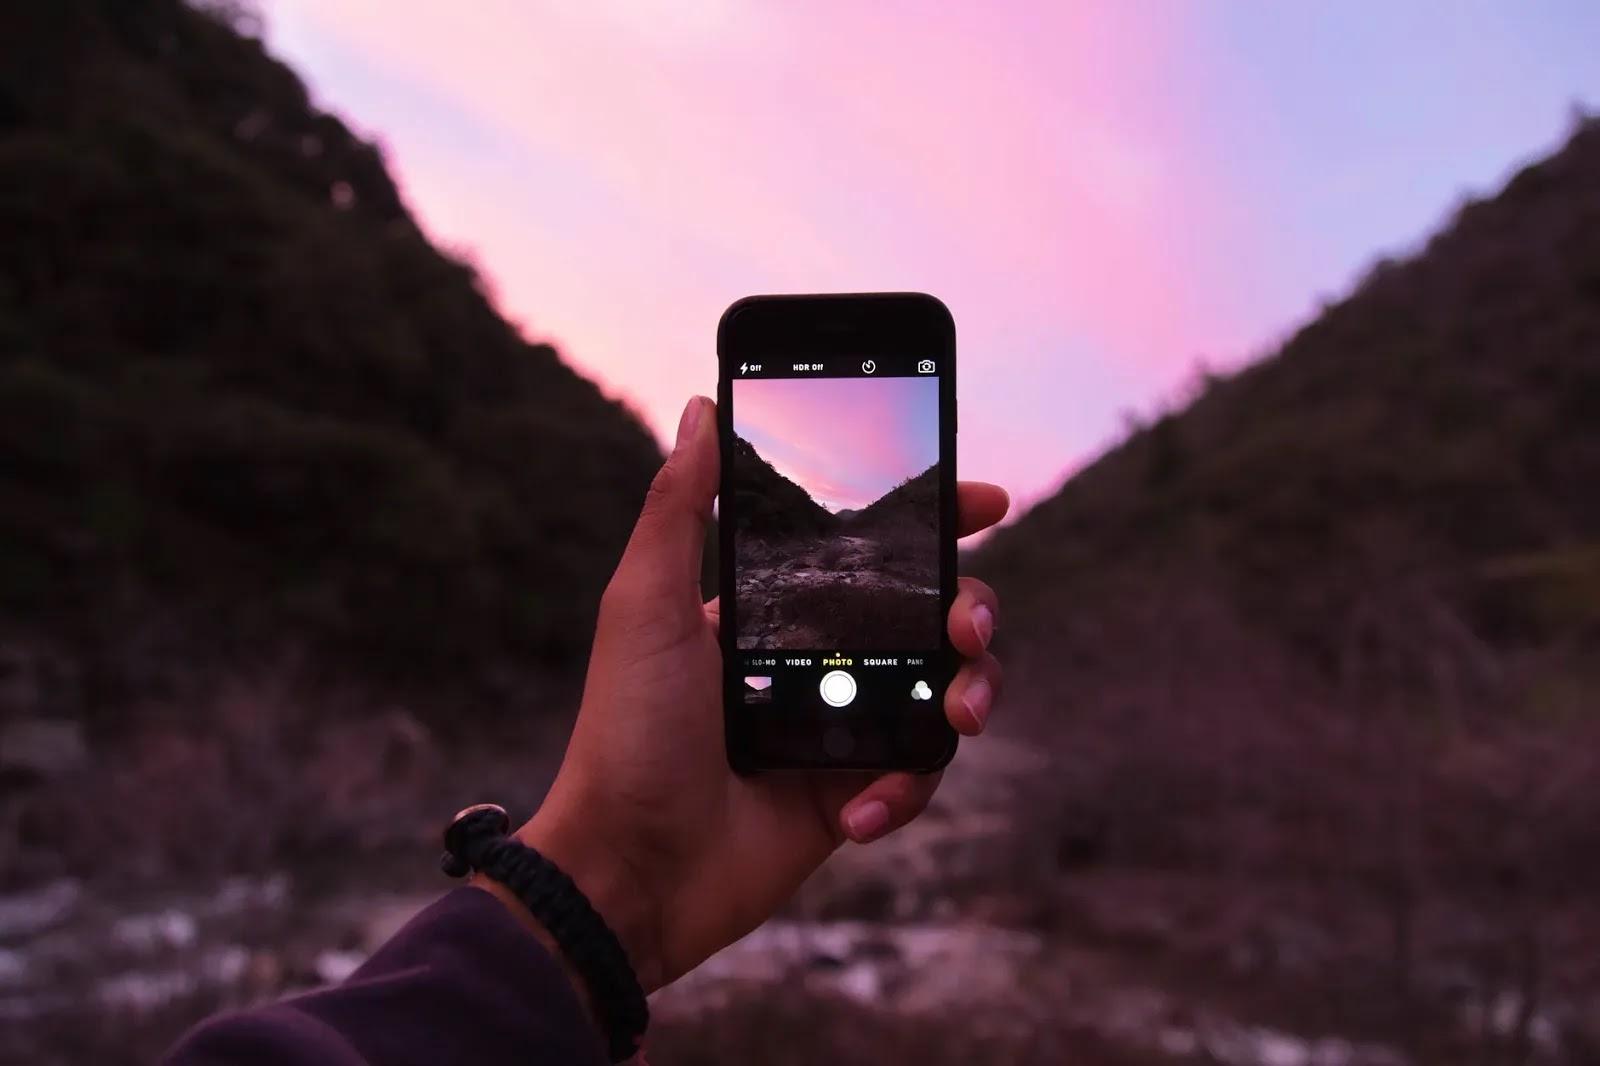 10-tips-dan-trik-mudah-untuk-hasil-foto-dari-kamera-smartphone-yang-keren